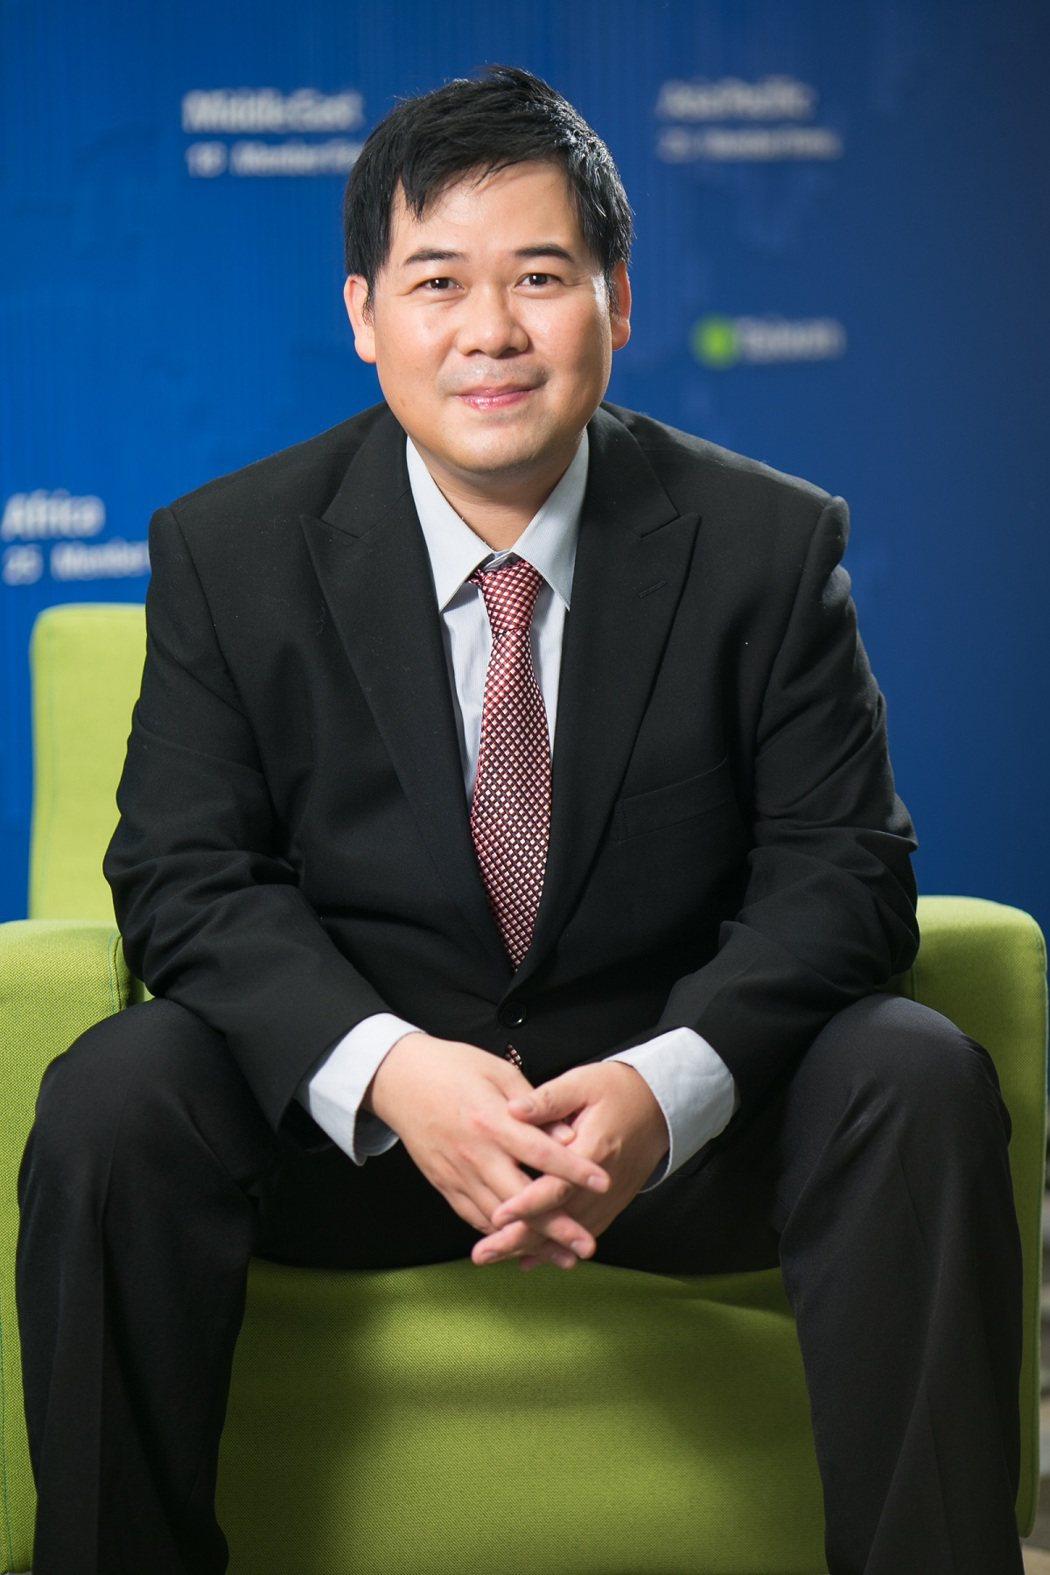 勤業眾信聯合會計師事務所稅務部會計師王瑞鴻。勤業眾信/提供